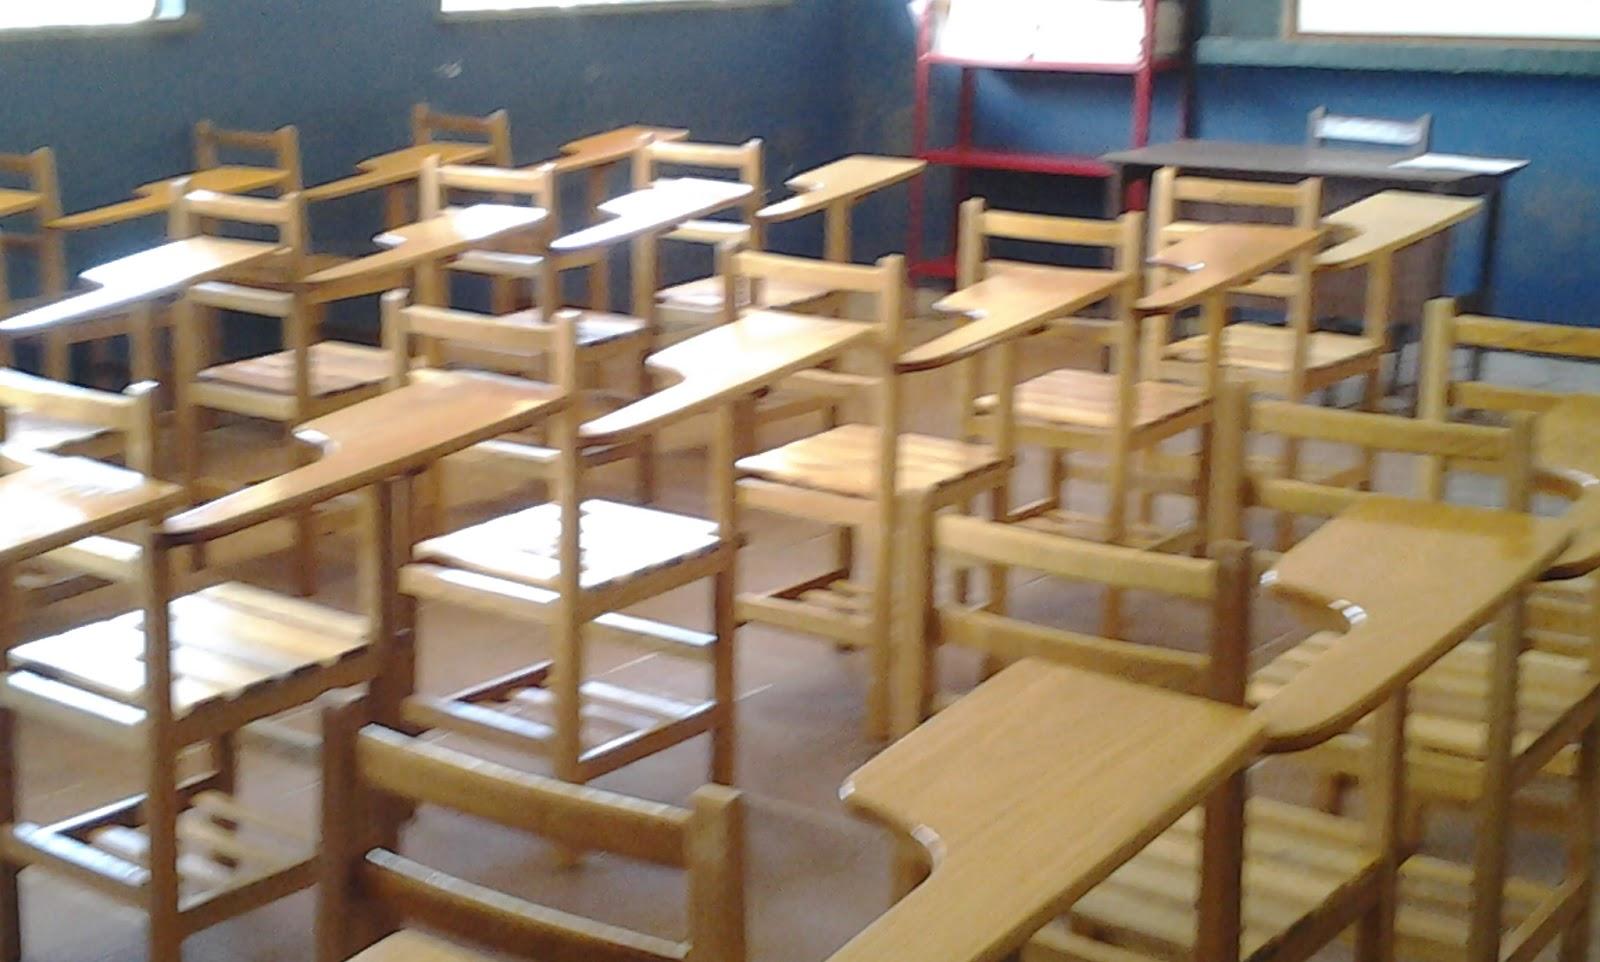 em madeira e MDF: Carteira escolar com reaproveitamento de madeira #9A6A31 1600x962